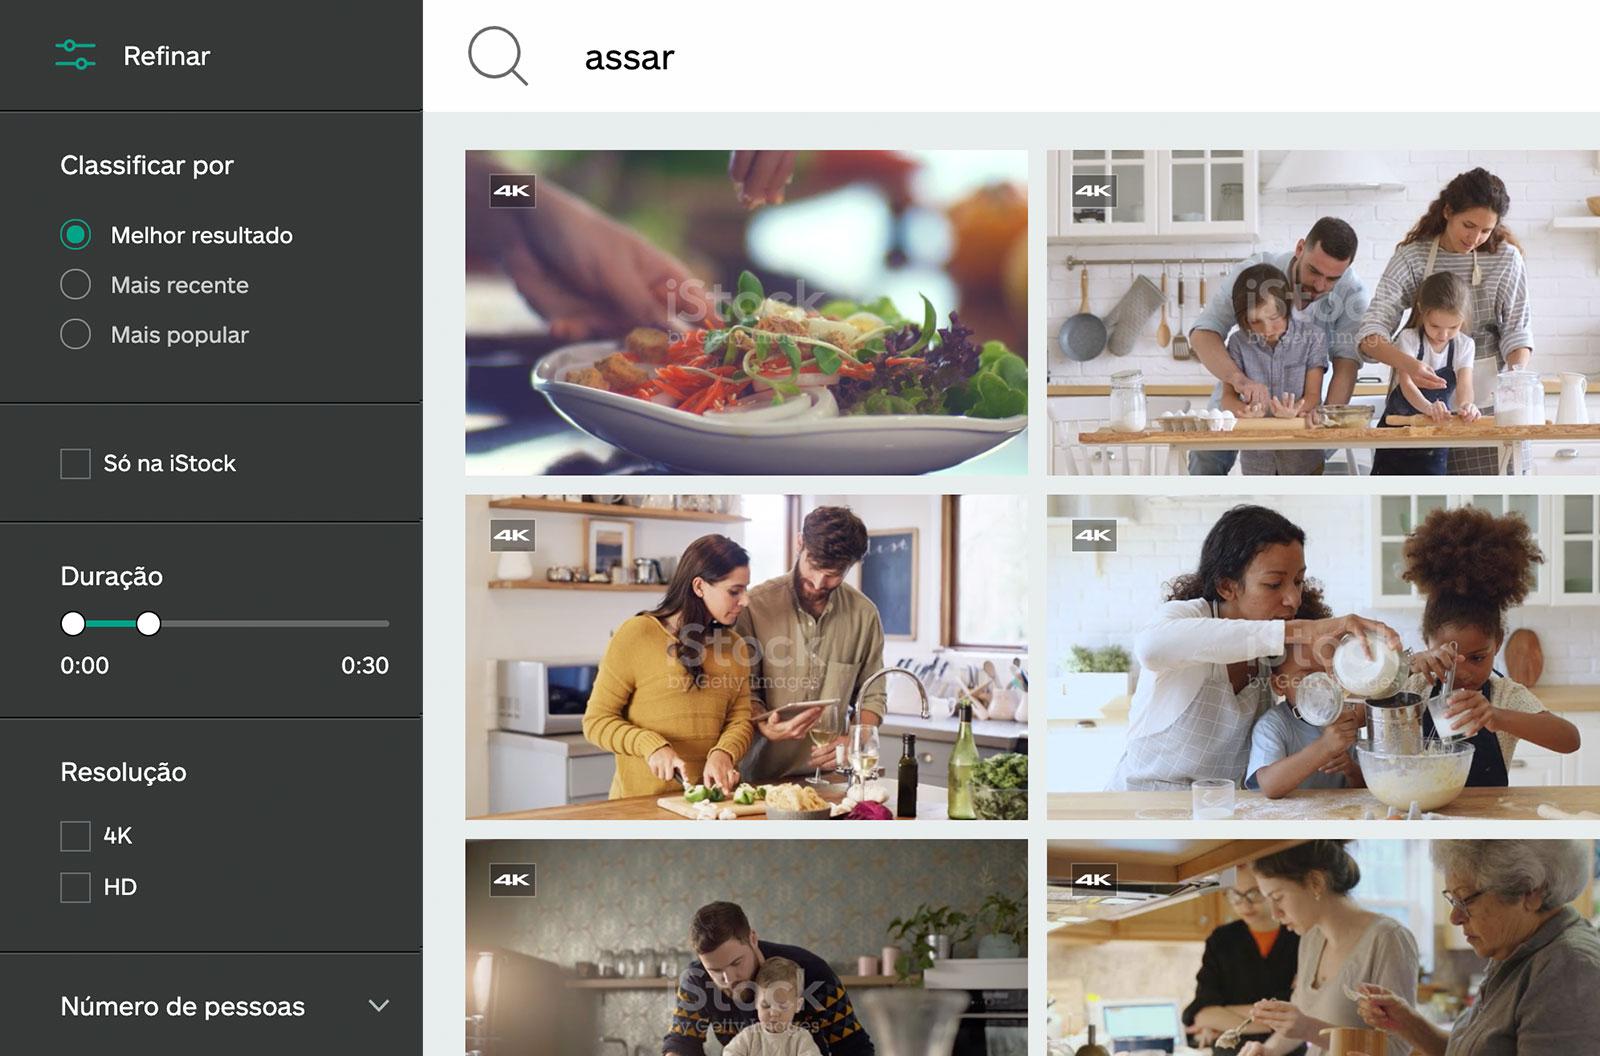 Print de tela dos resultados da pesquisa de vídeos de culinária